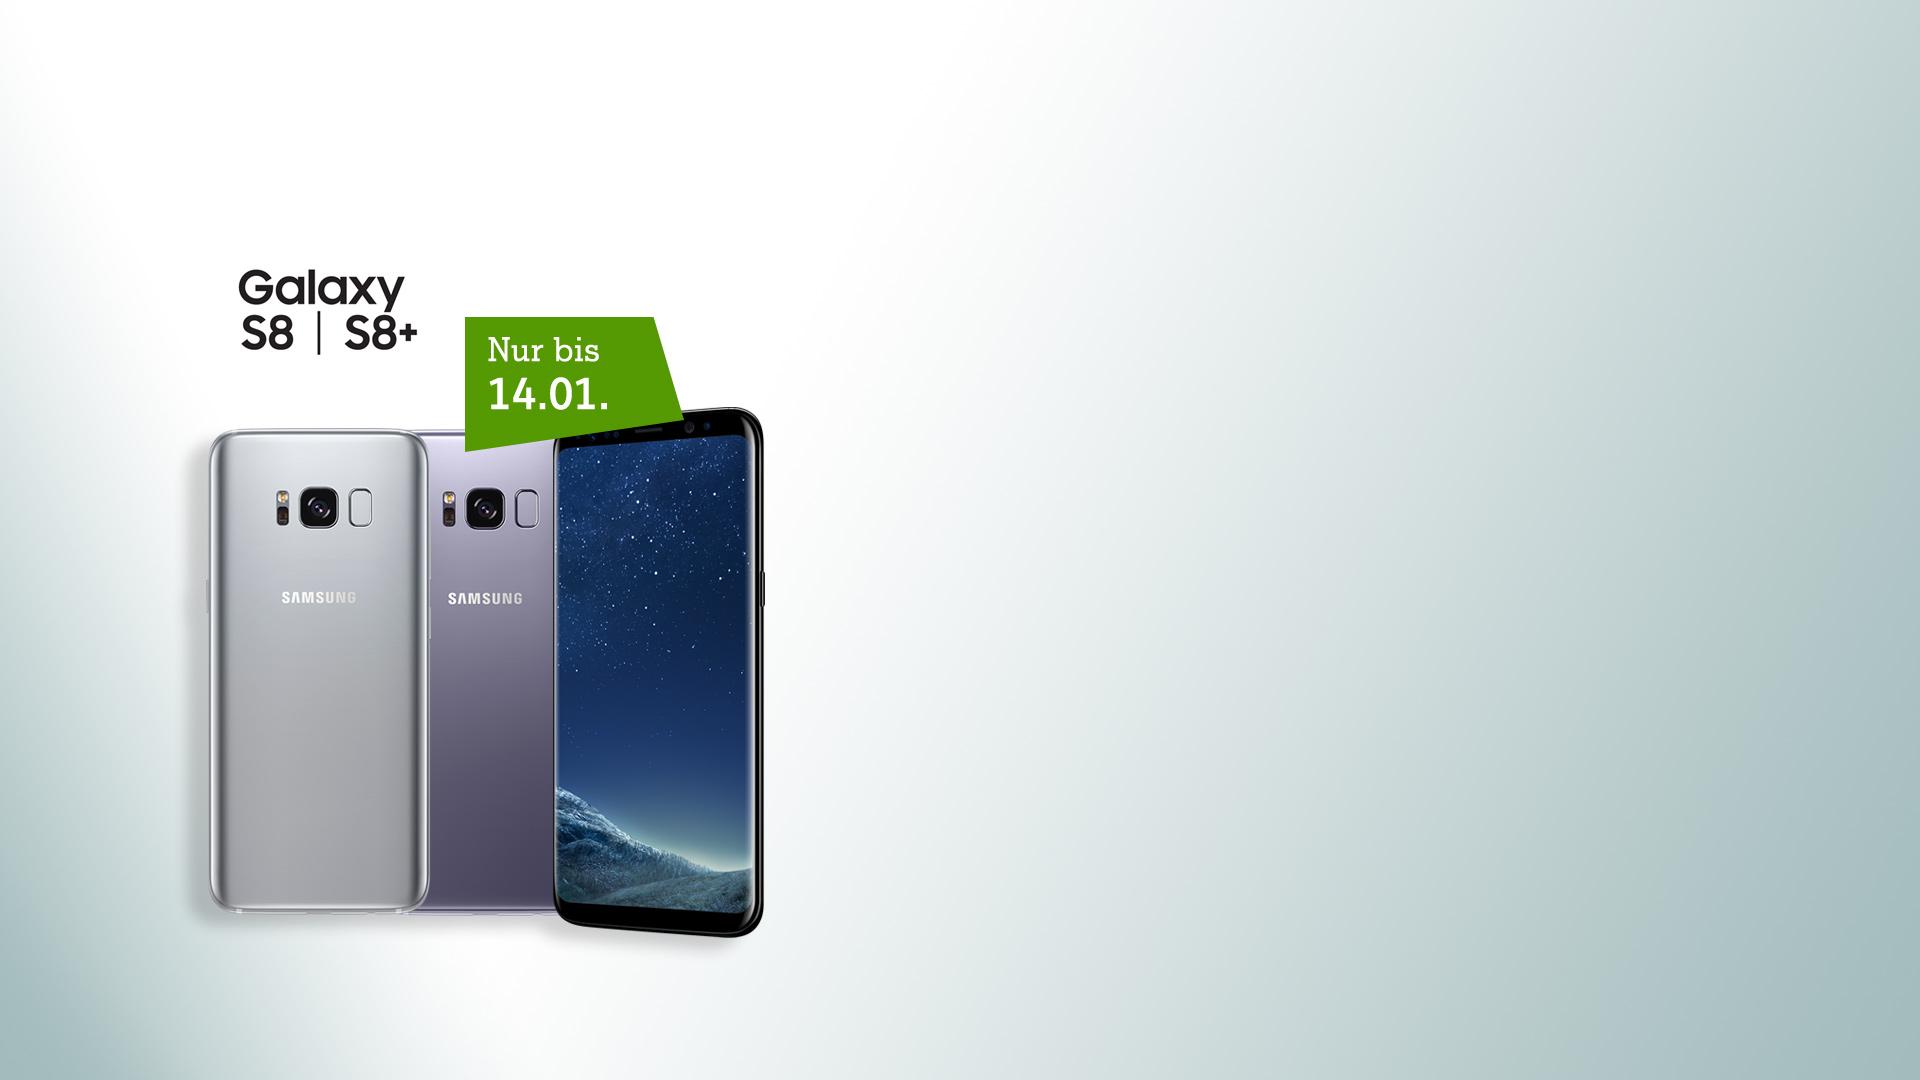 Samsung Galaxy S8 - jetzt vorbestellen und 2.000 Mobilpoints sichern!